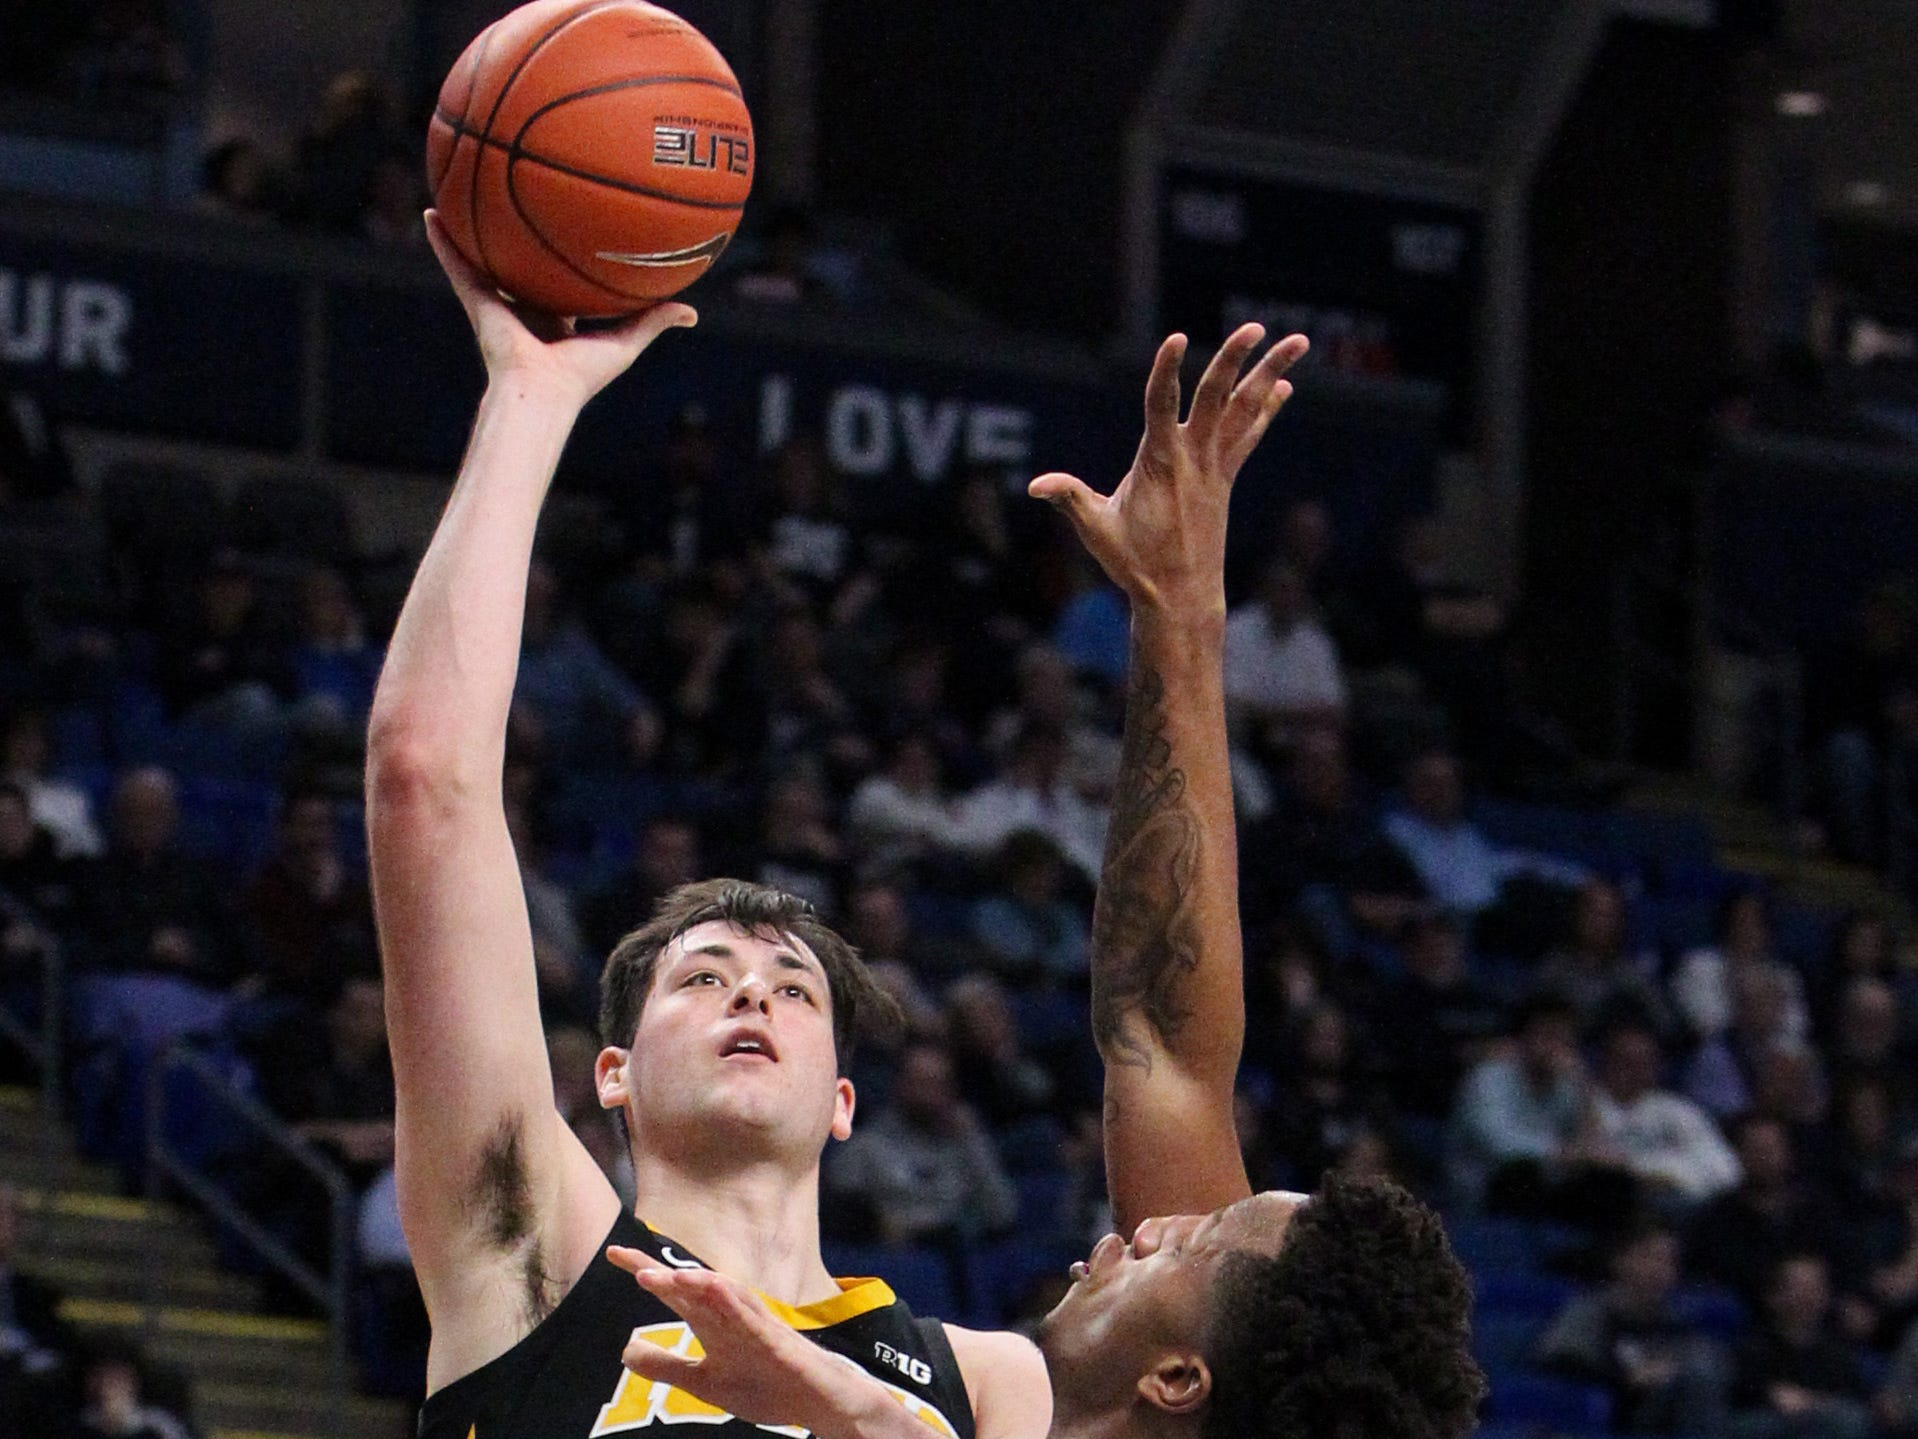 Kriener playing best basketball of his career as No. 24 Hawkeyes ride four-game win streak